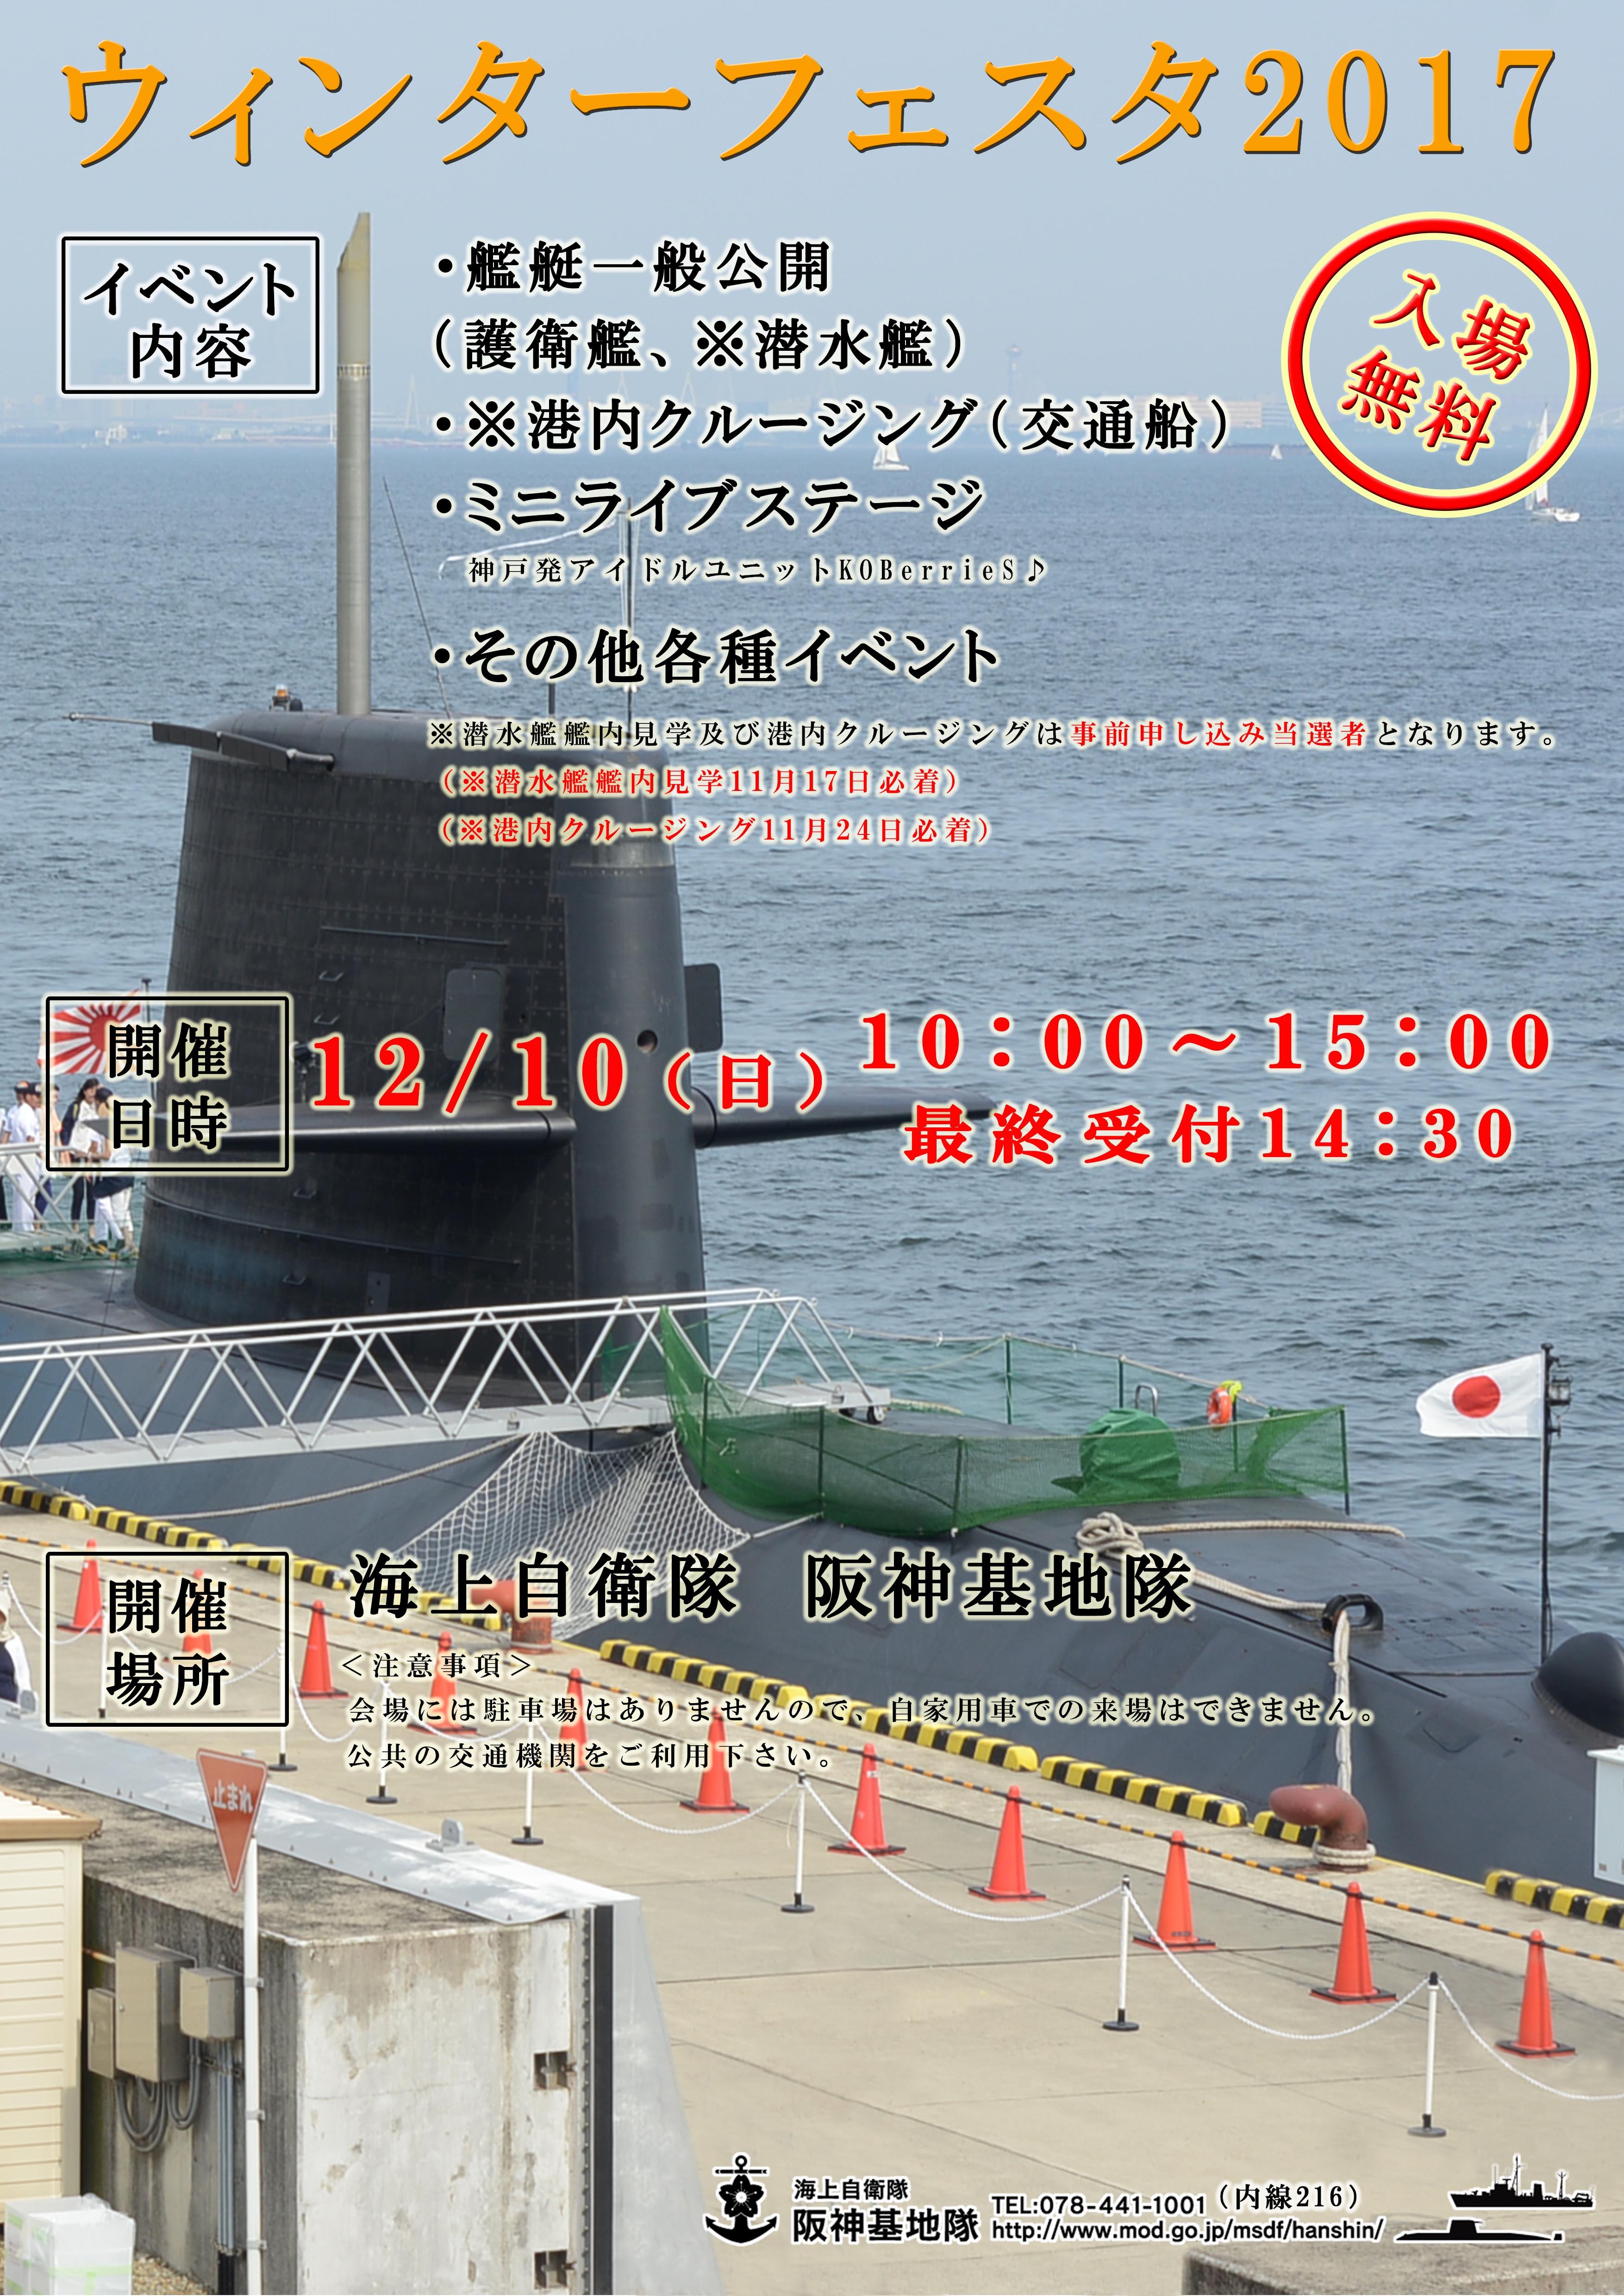 「阪神基地隊ウィンターフェスタ2017」が12月10日(日)に開催されるよ! #阪神基地隊 #潜水艦